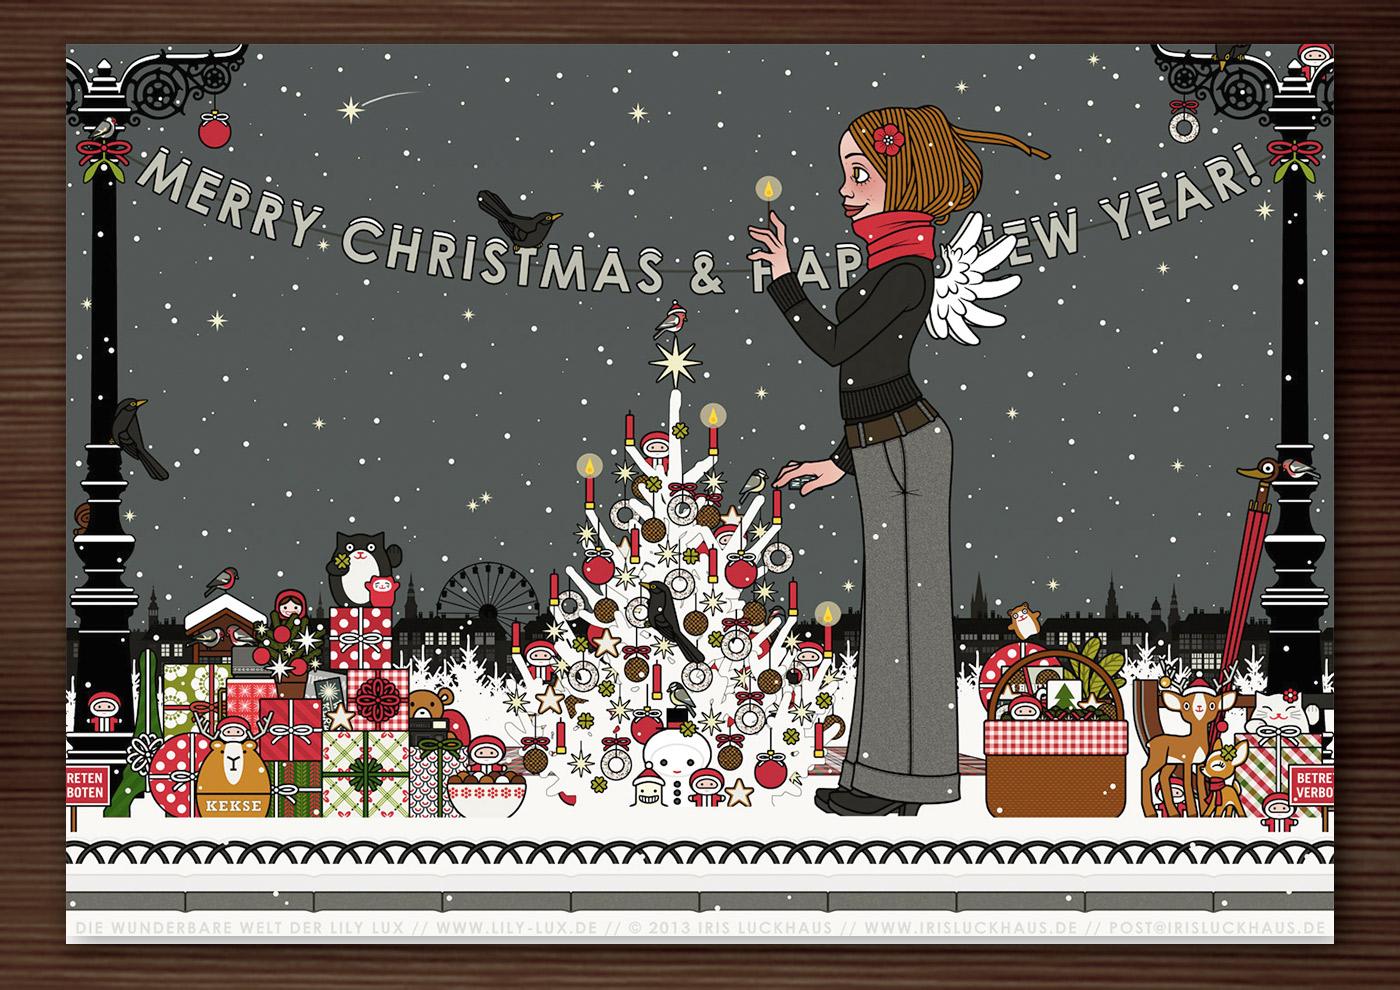 Weihnachtskarte mit der Zeichnung von einem Mädchen mit Engelsflügeln, das im Schnee im winterlichen Park Geschenke verteilt und einen Weihnachtsbaum mit Meisenknödeln geschmückt hat und nun die Kerzen anzündet, für Lily Lux